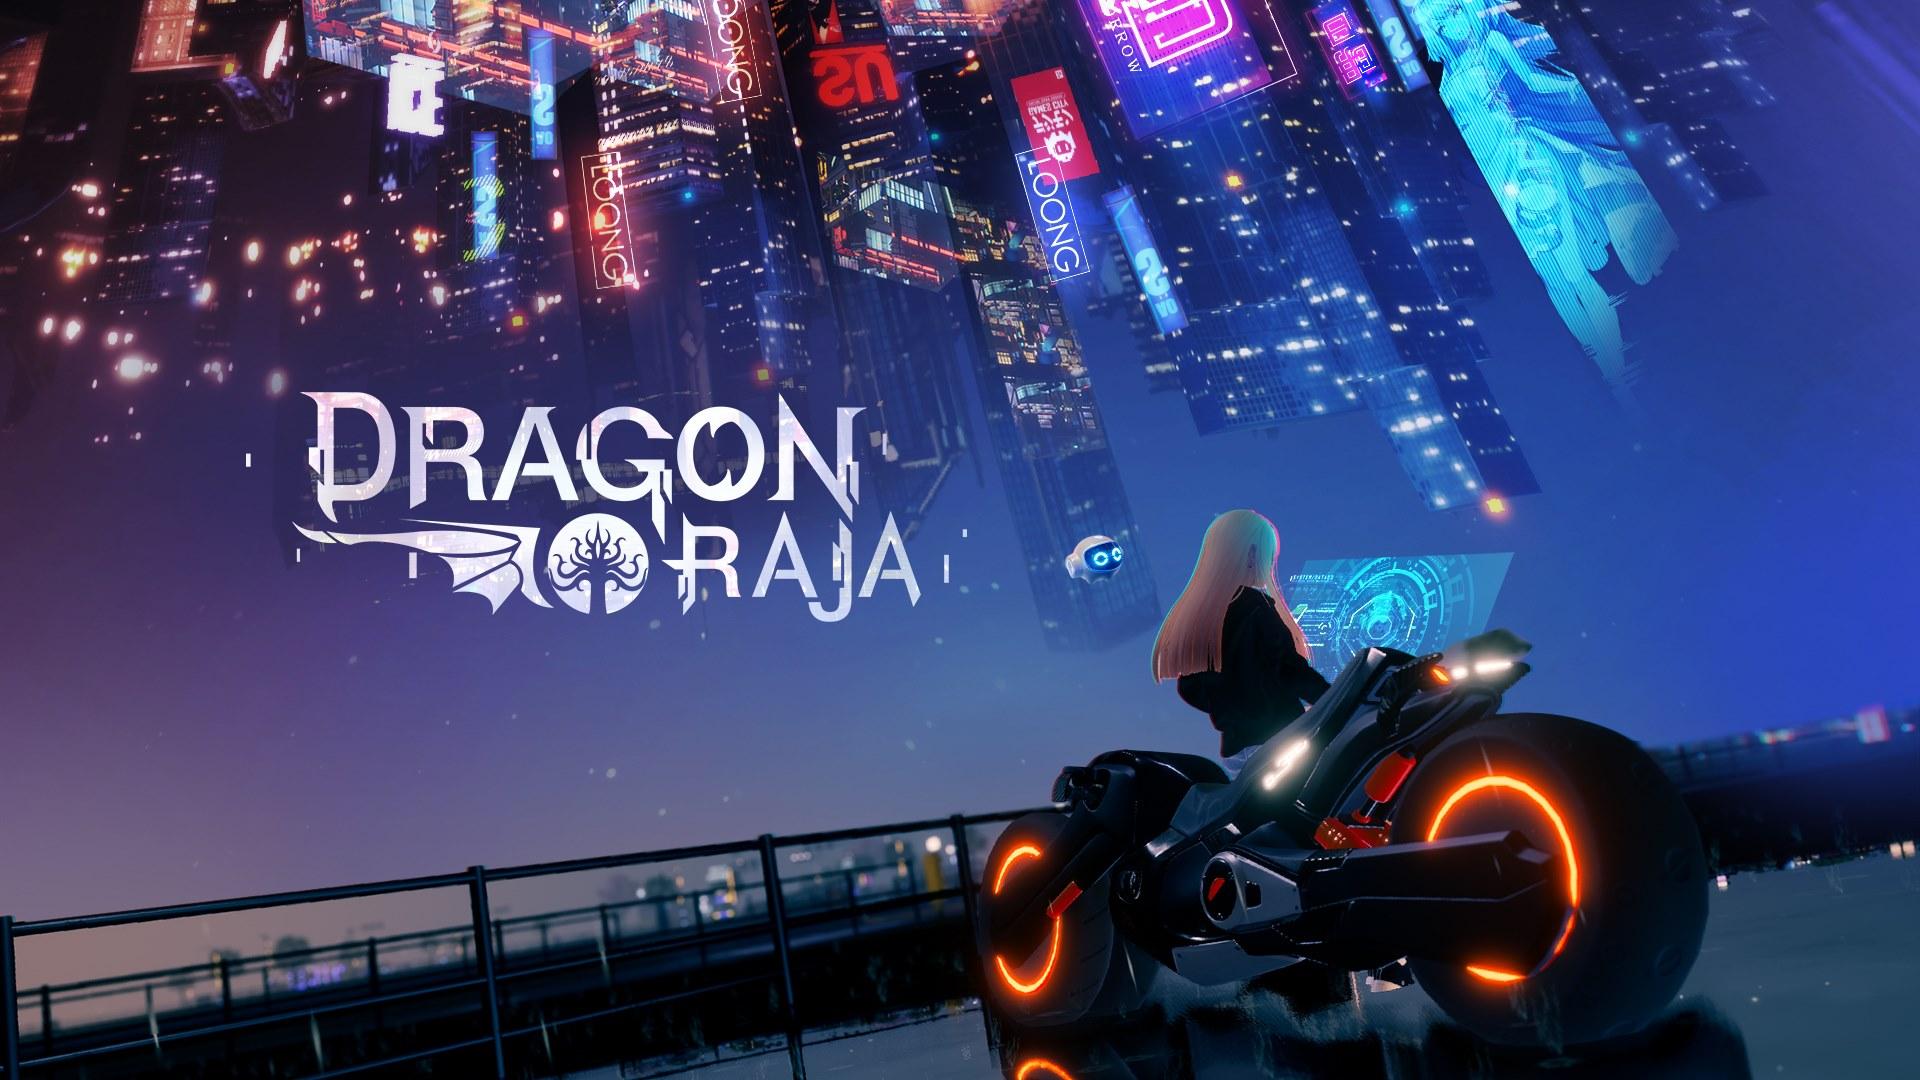 Dragon Raja 1122019 1